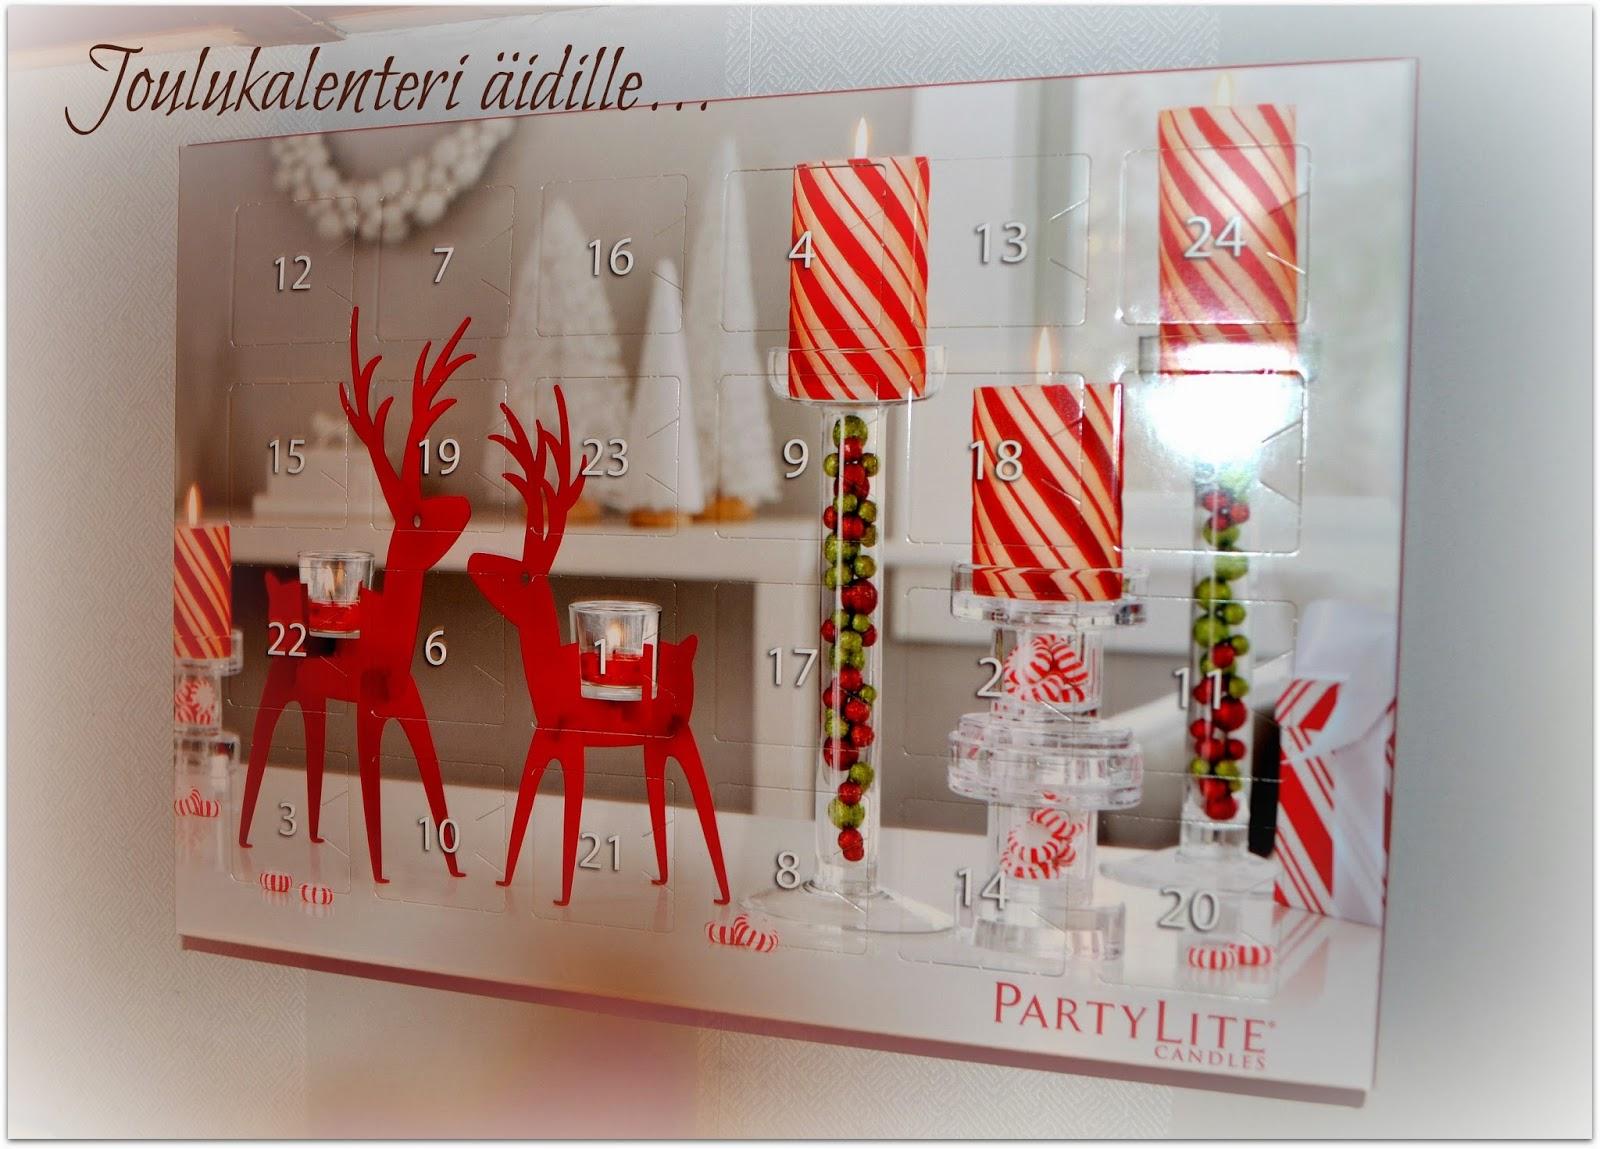 kynttilä joulukalenteri 2018 MadeInKoti: marraskuuta 2014 kynttilä joulukalenteri 2018